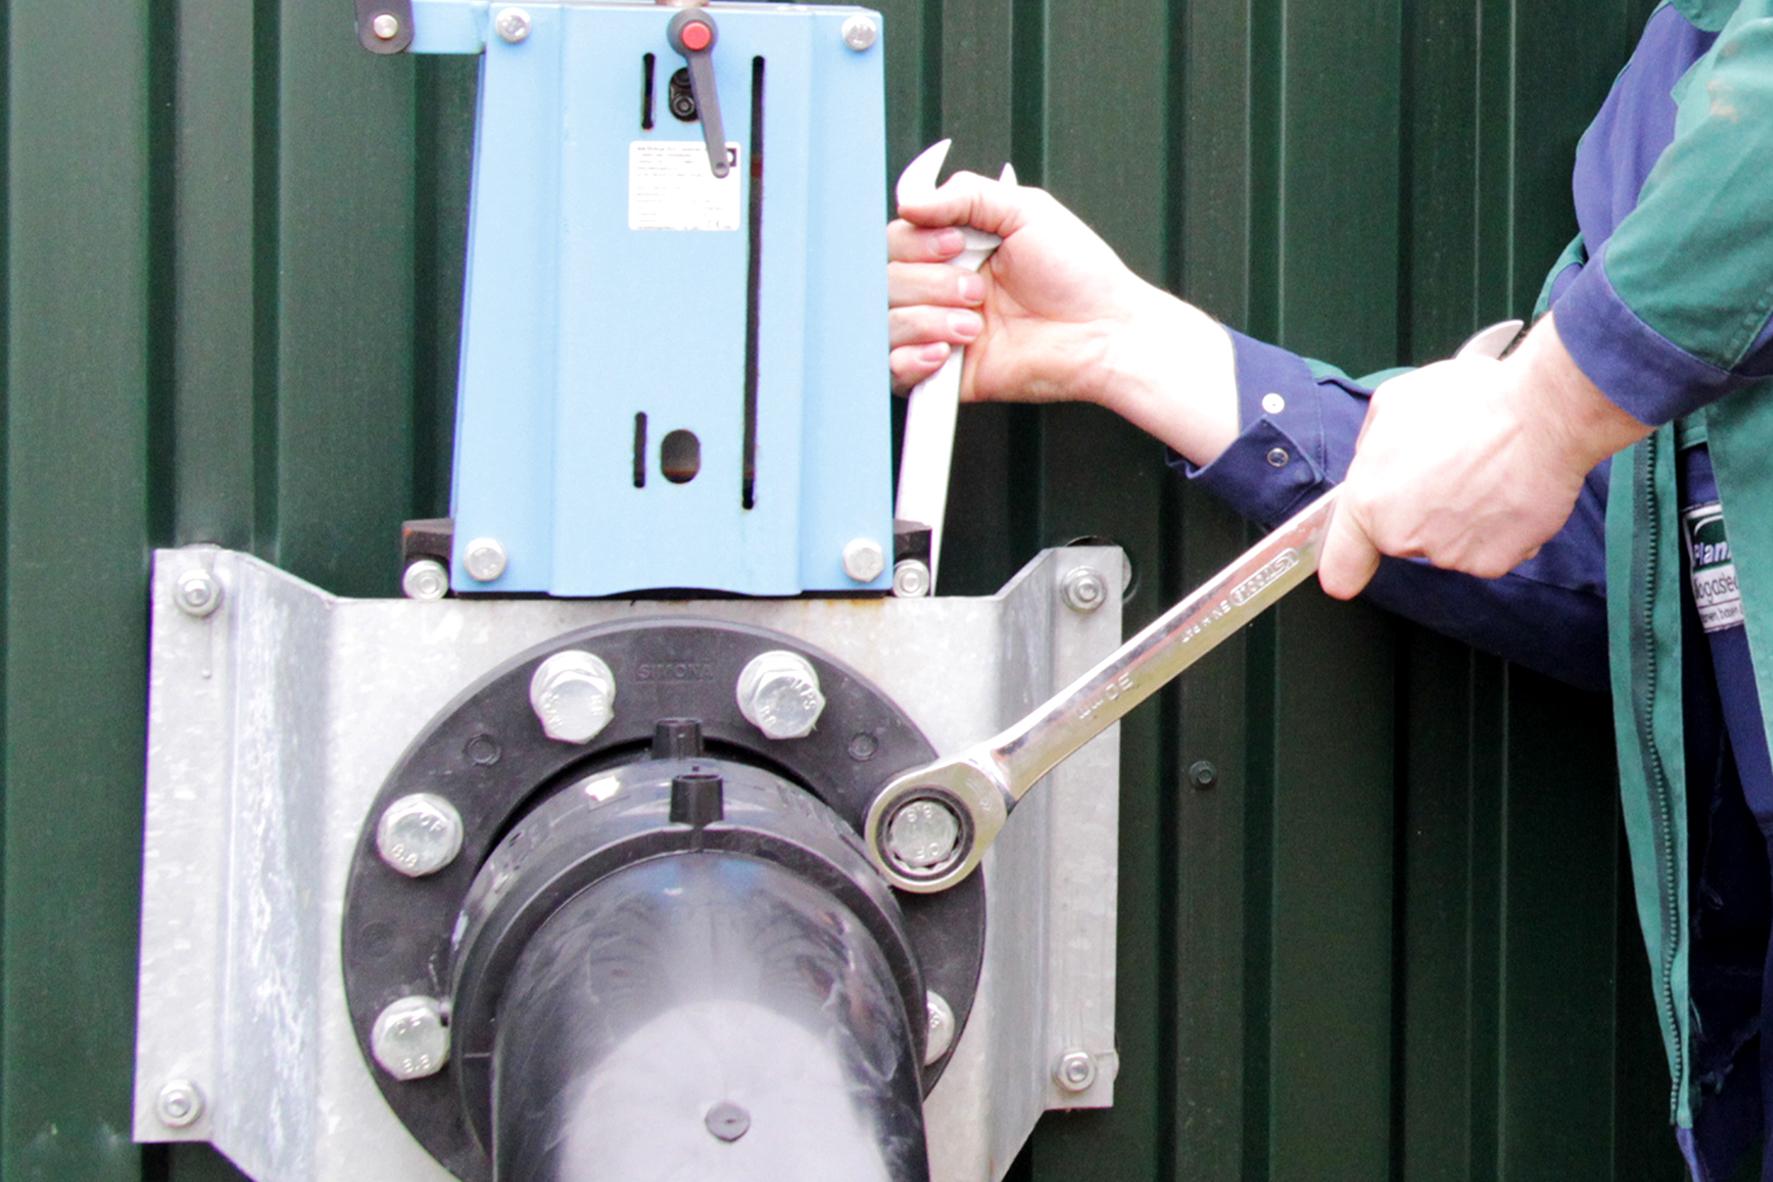 PlanET Service, Schnell Motoren, biogas image